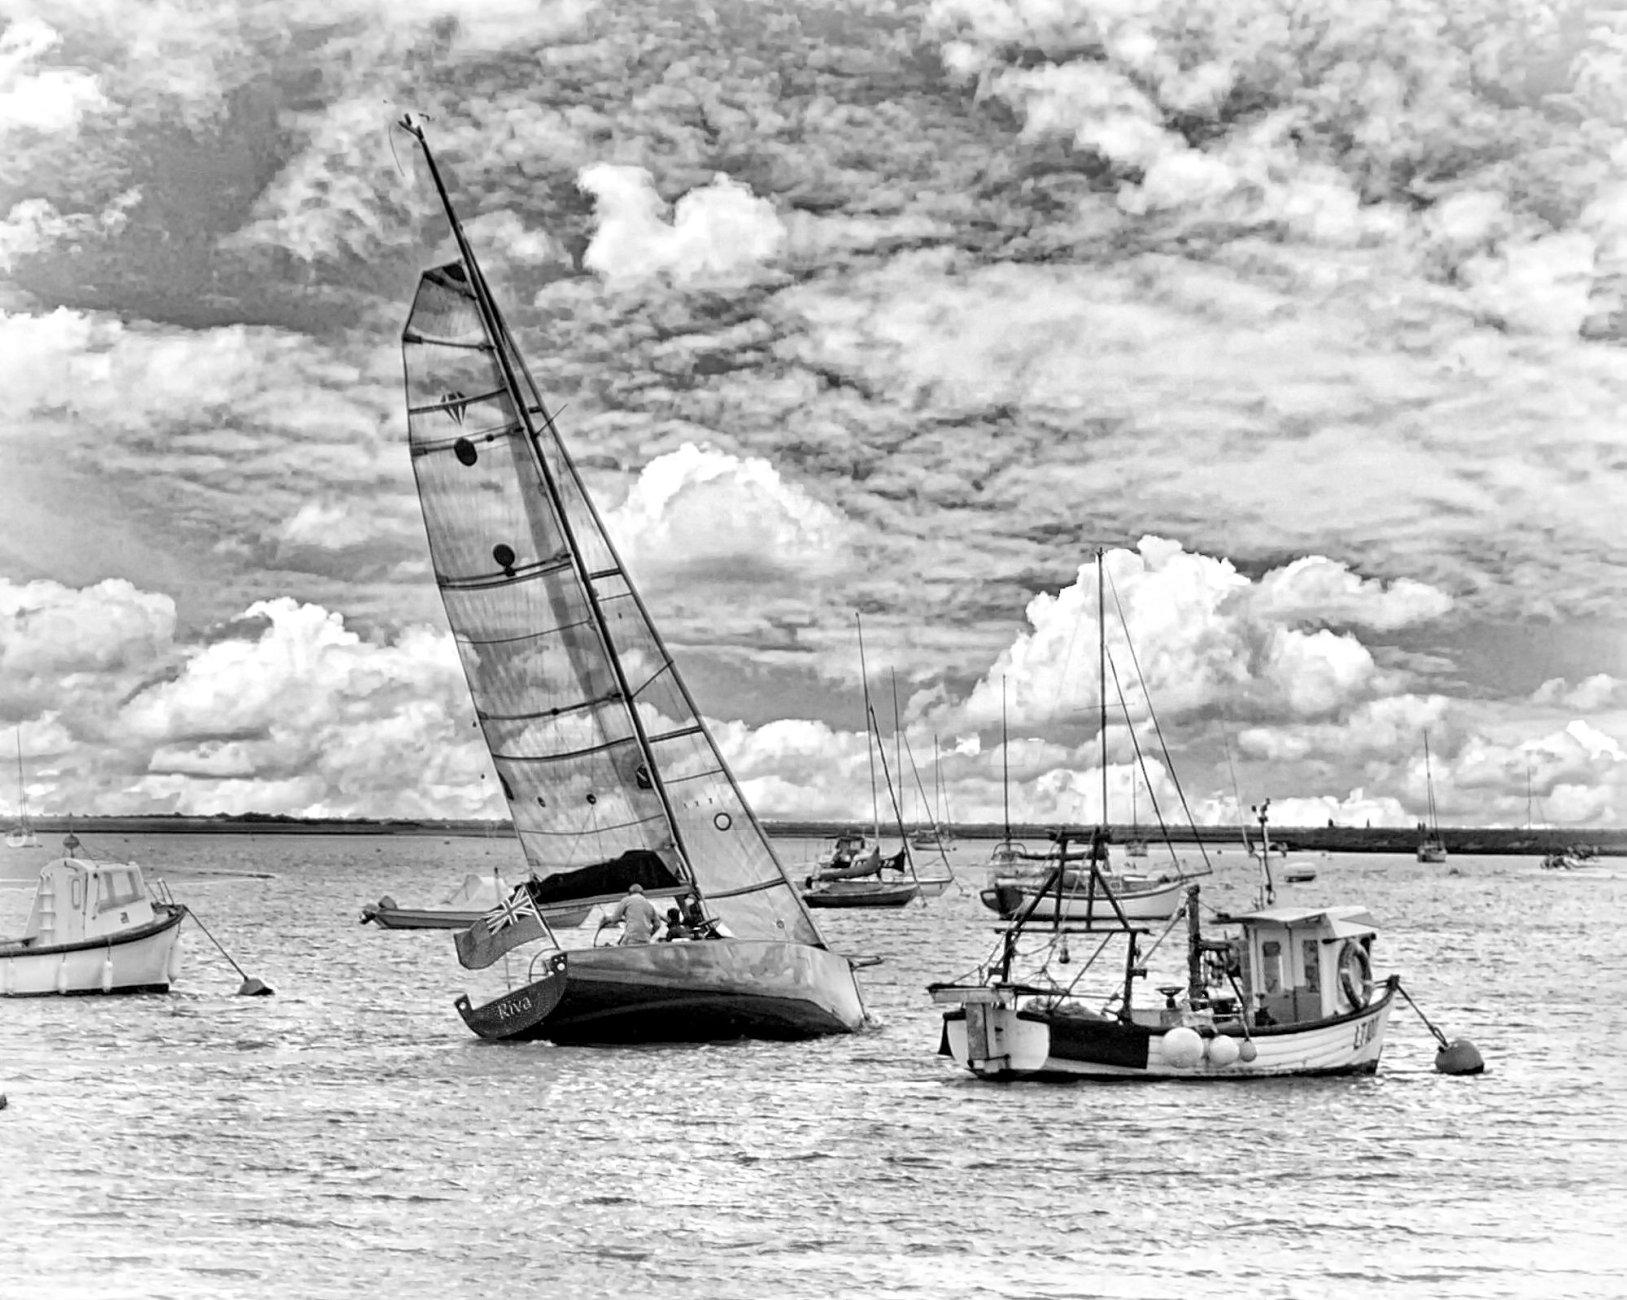 Sailing under a big sky